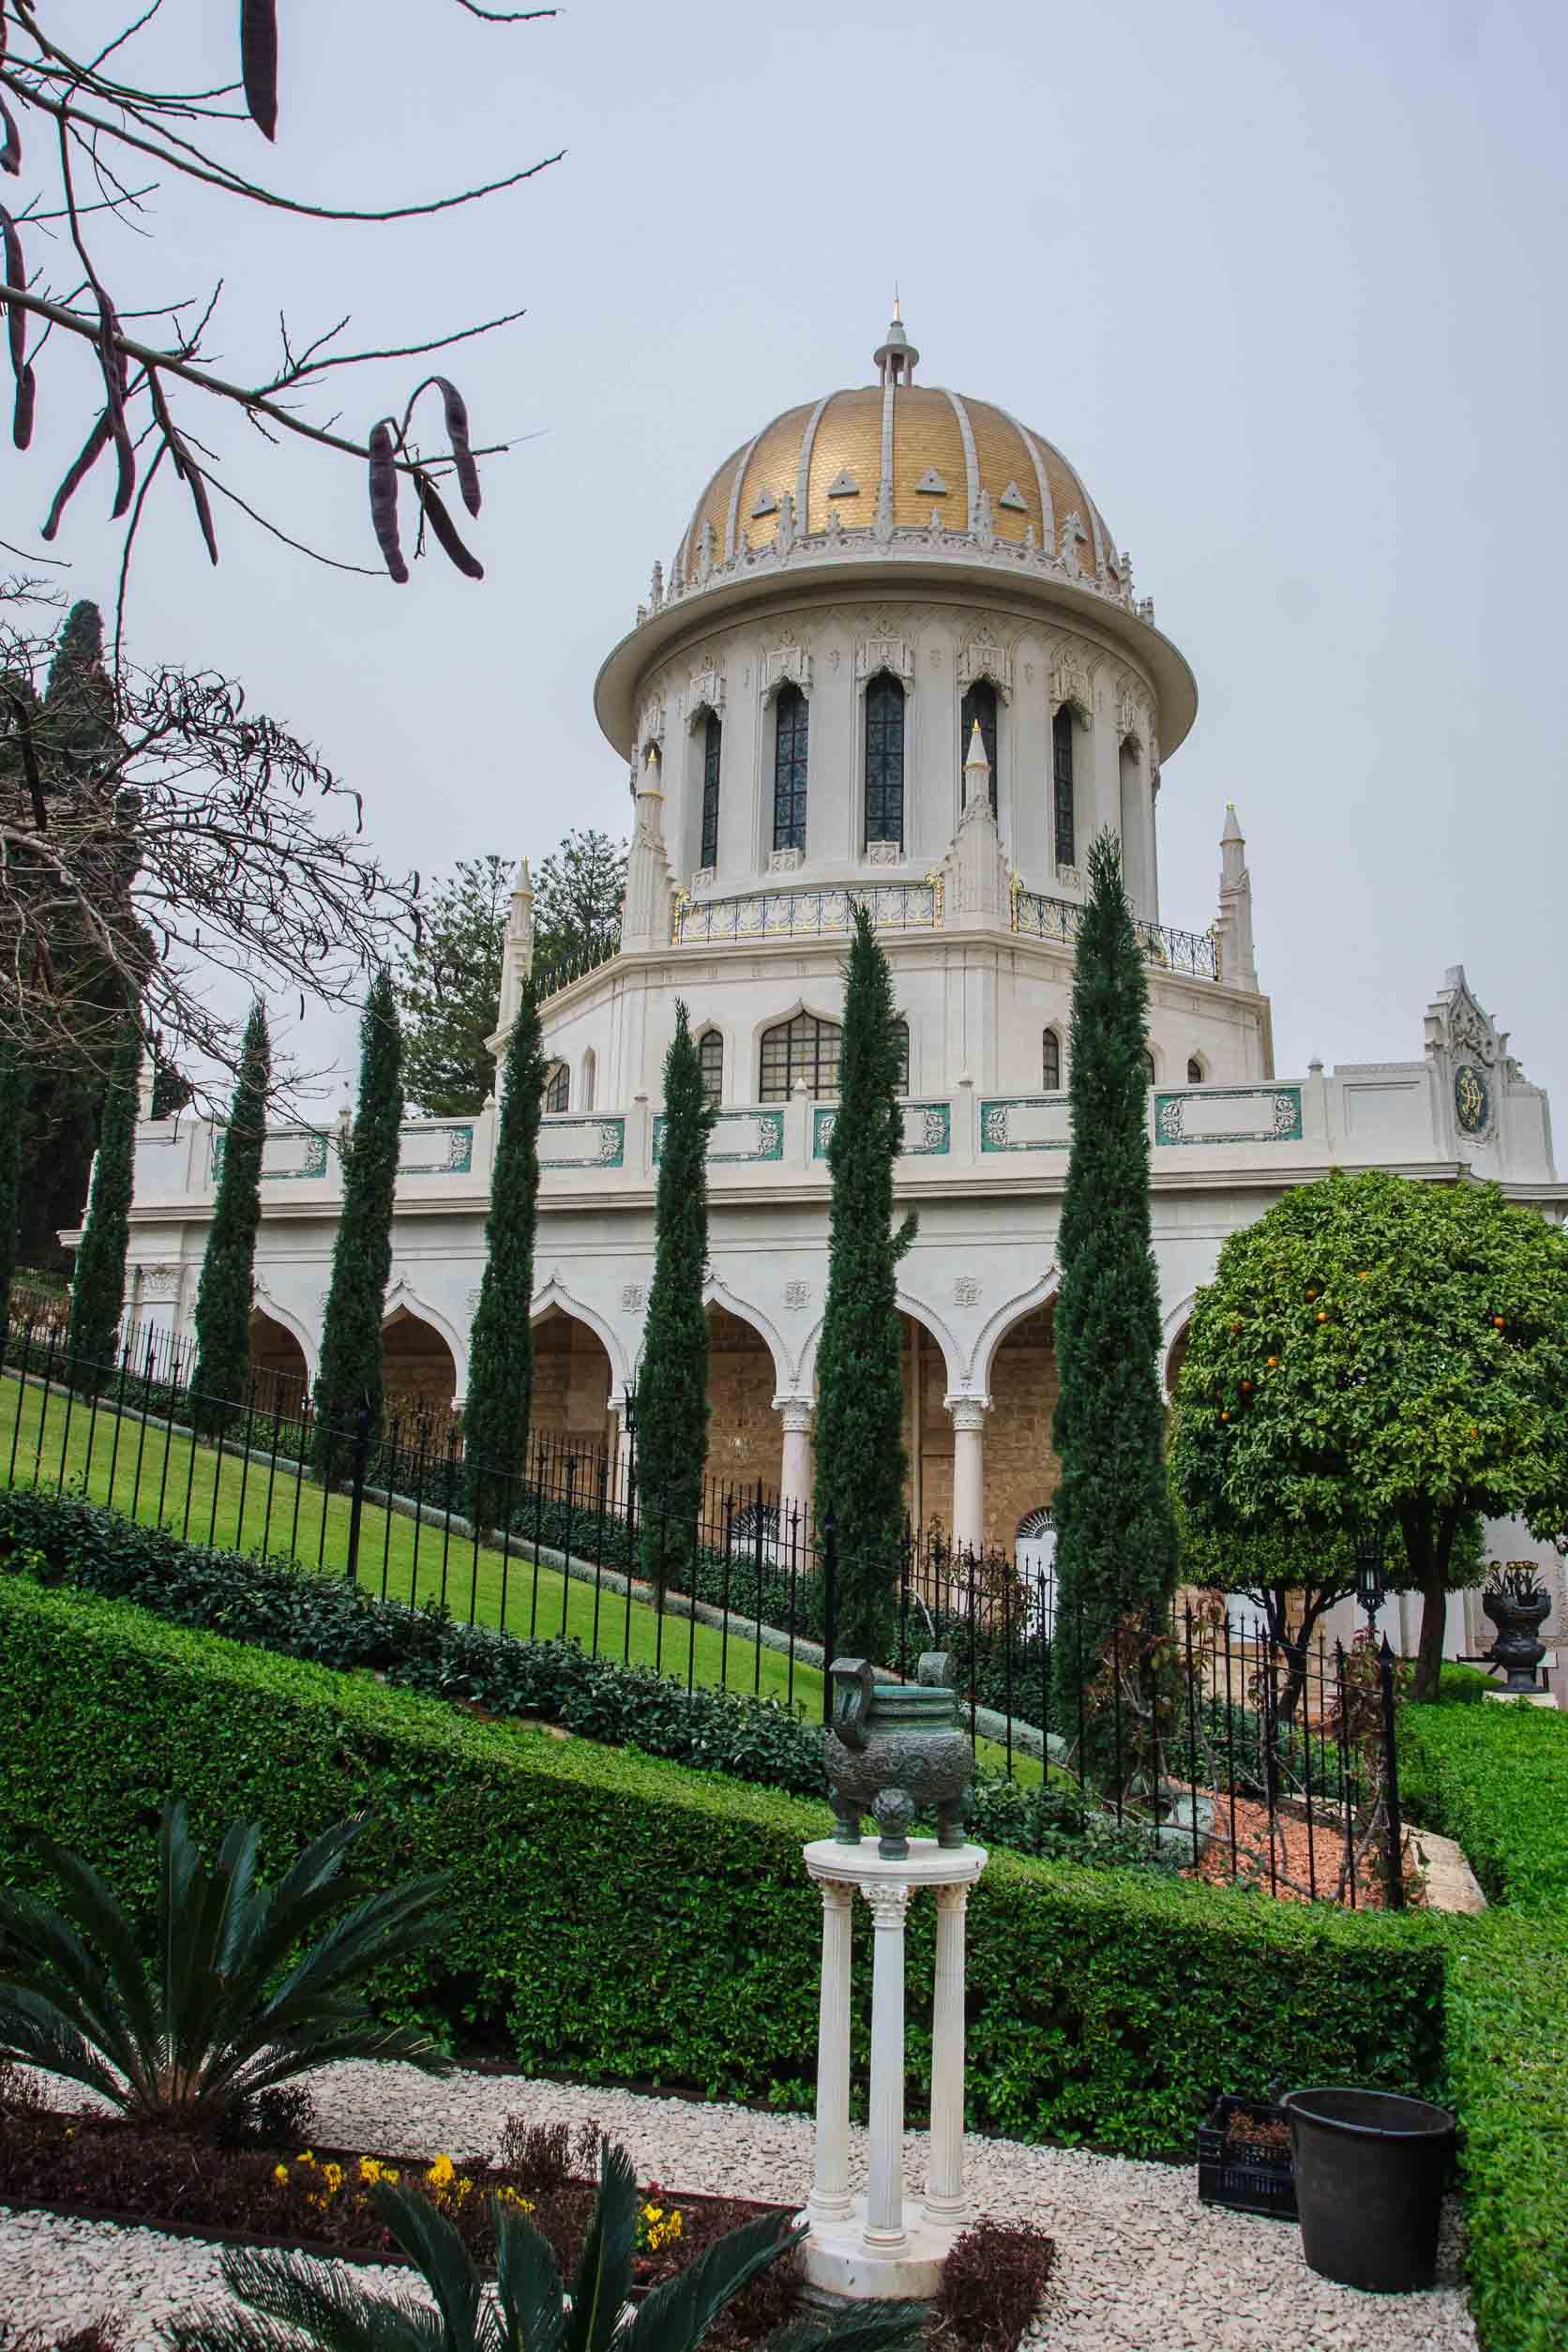 bahai-temple-illinois-usa